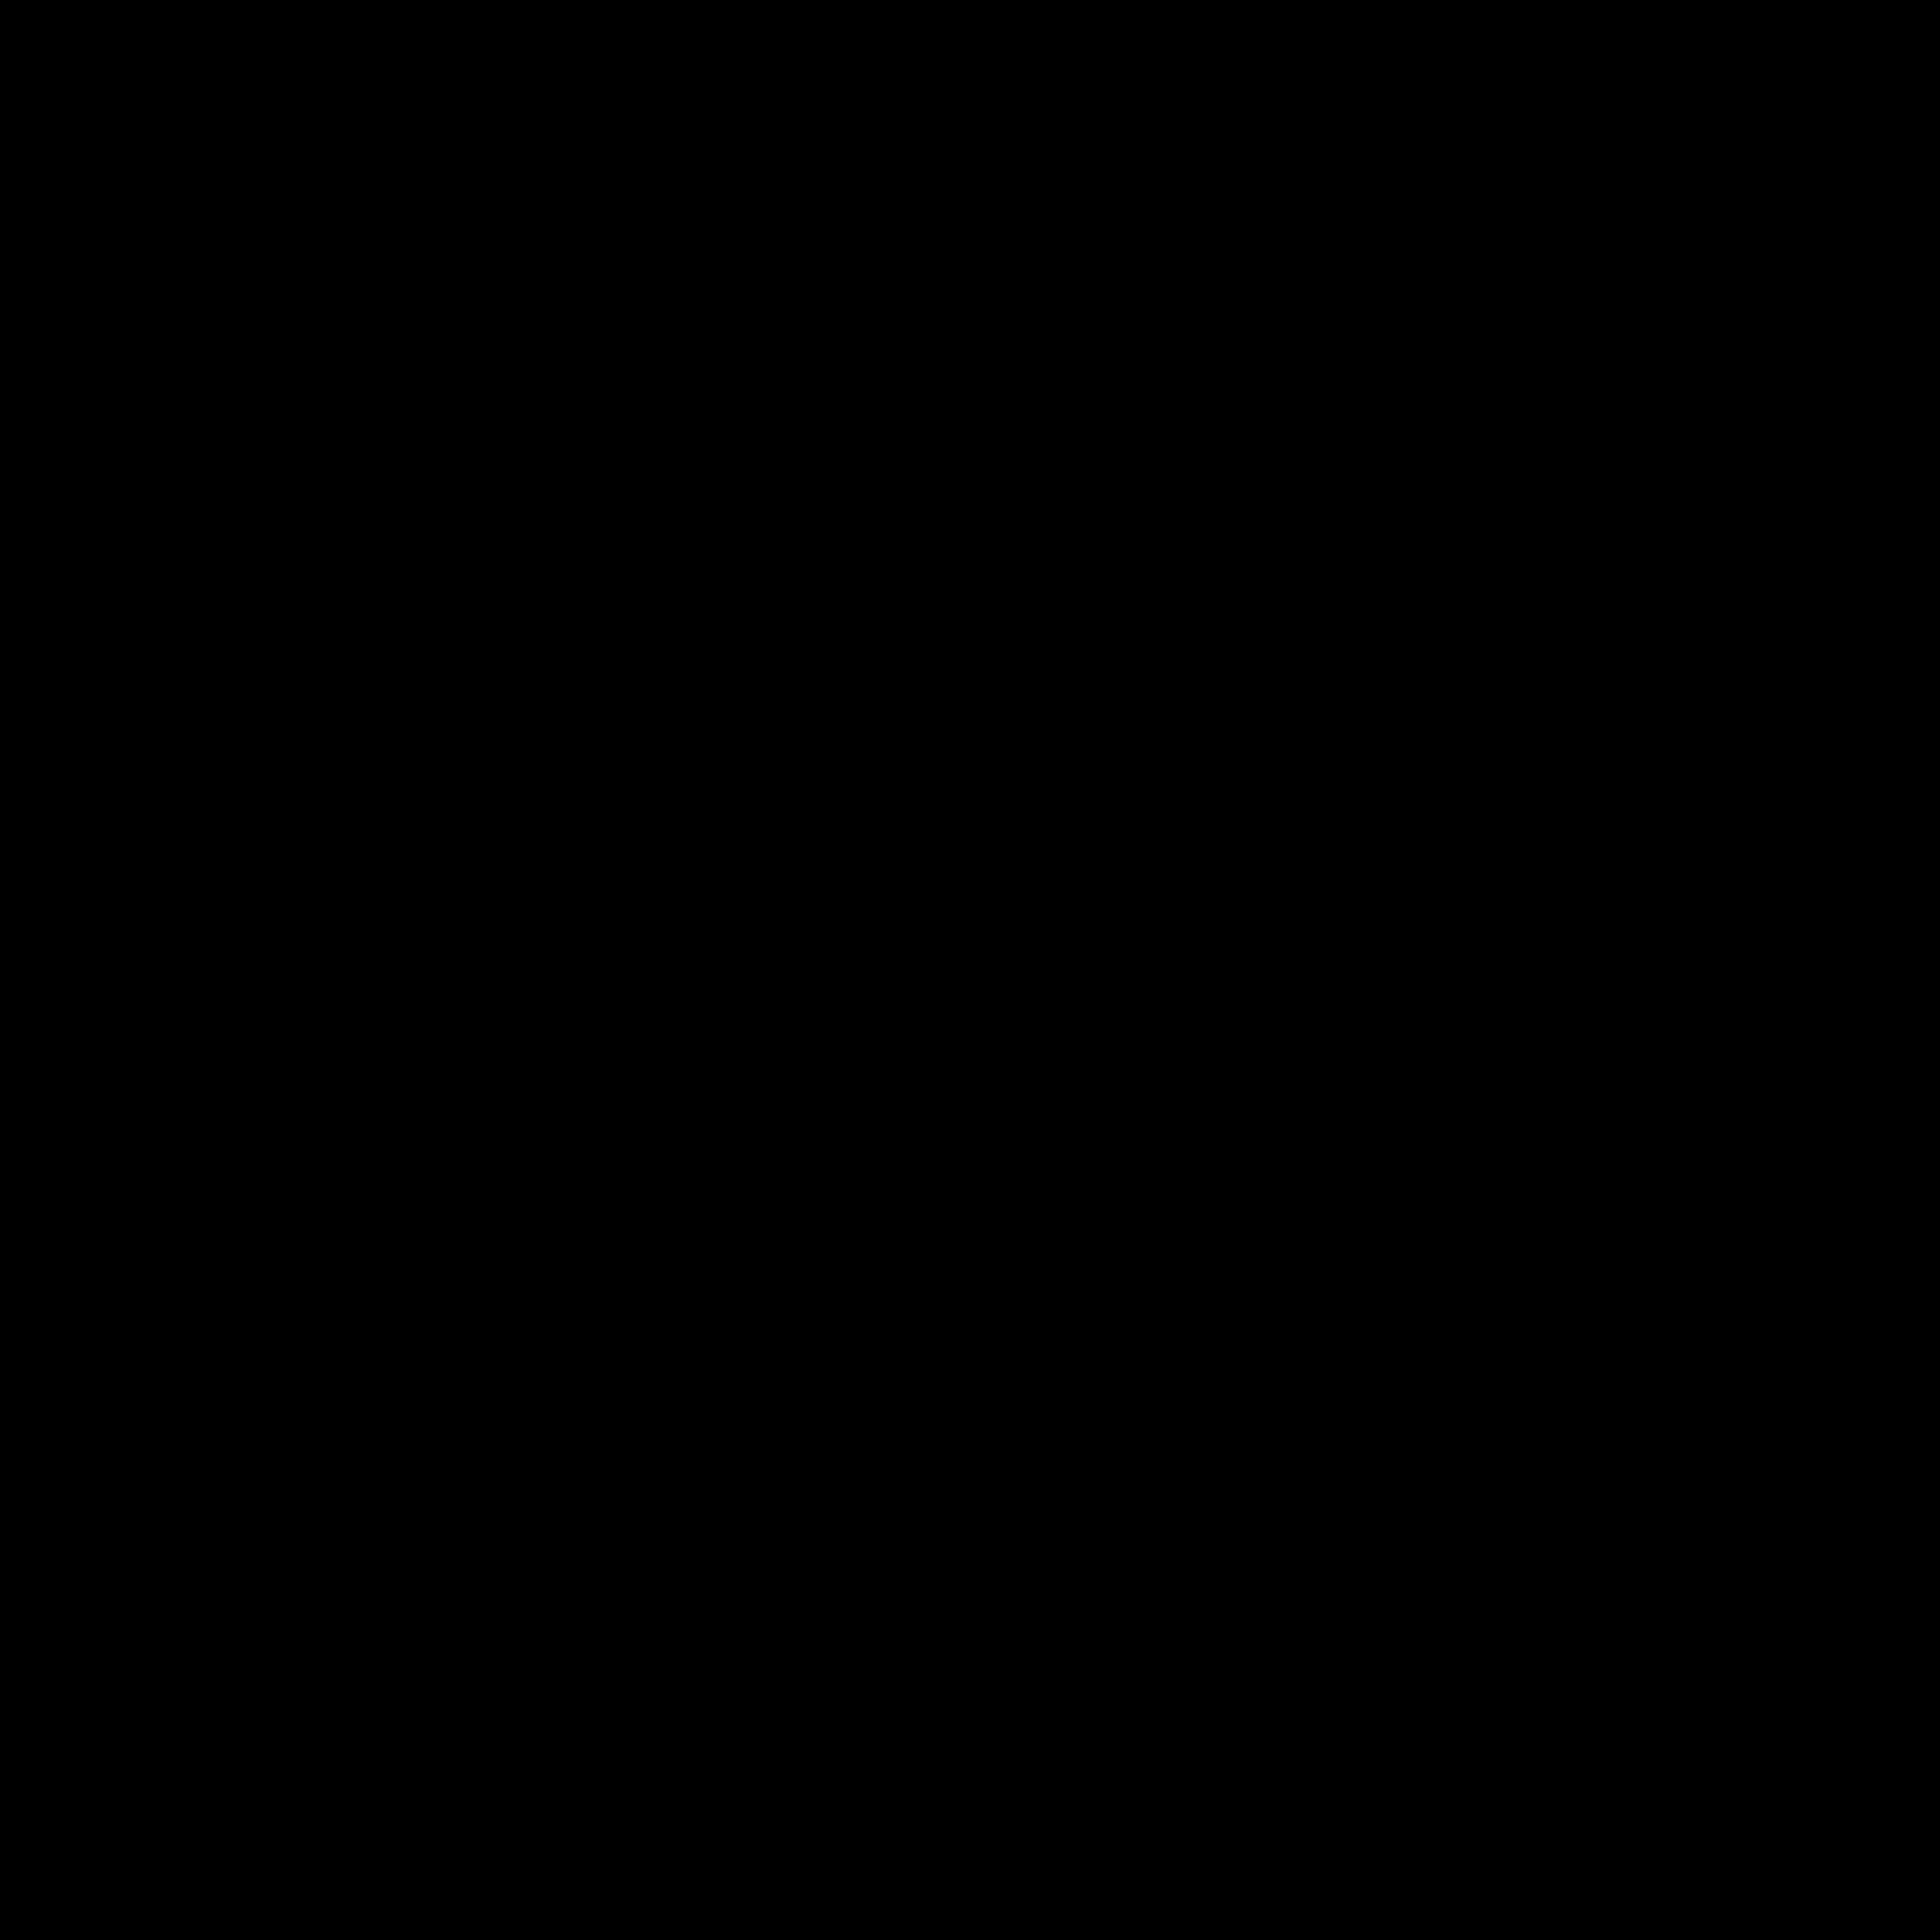 File icon svg wikimedia. Wheel clipart bullock cart